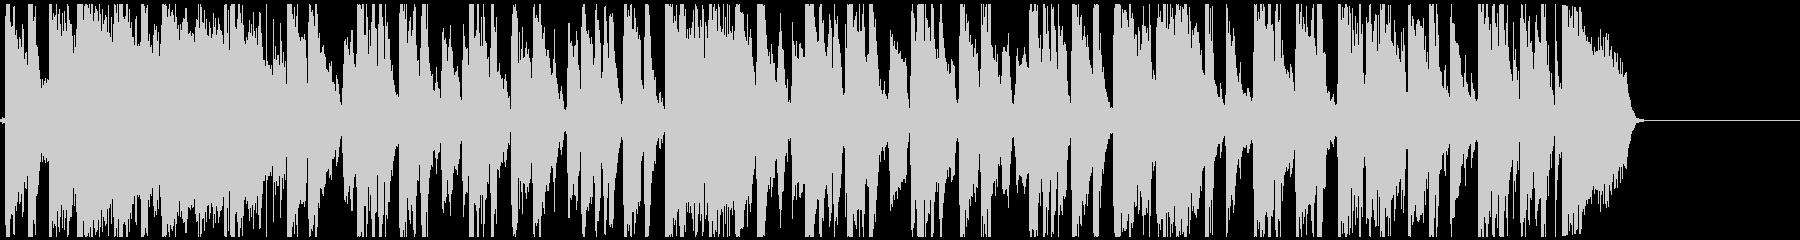 軽快なリズムのポップス曲の未再生の波形